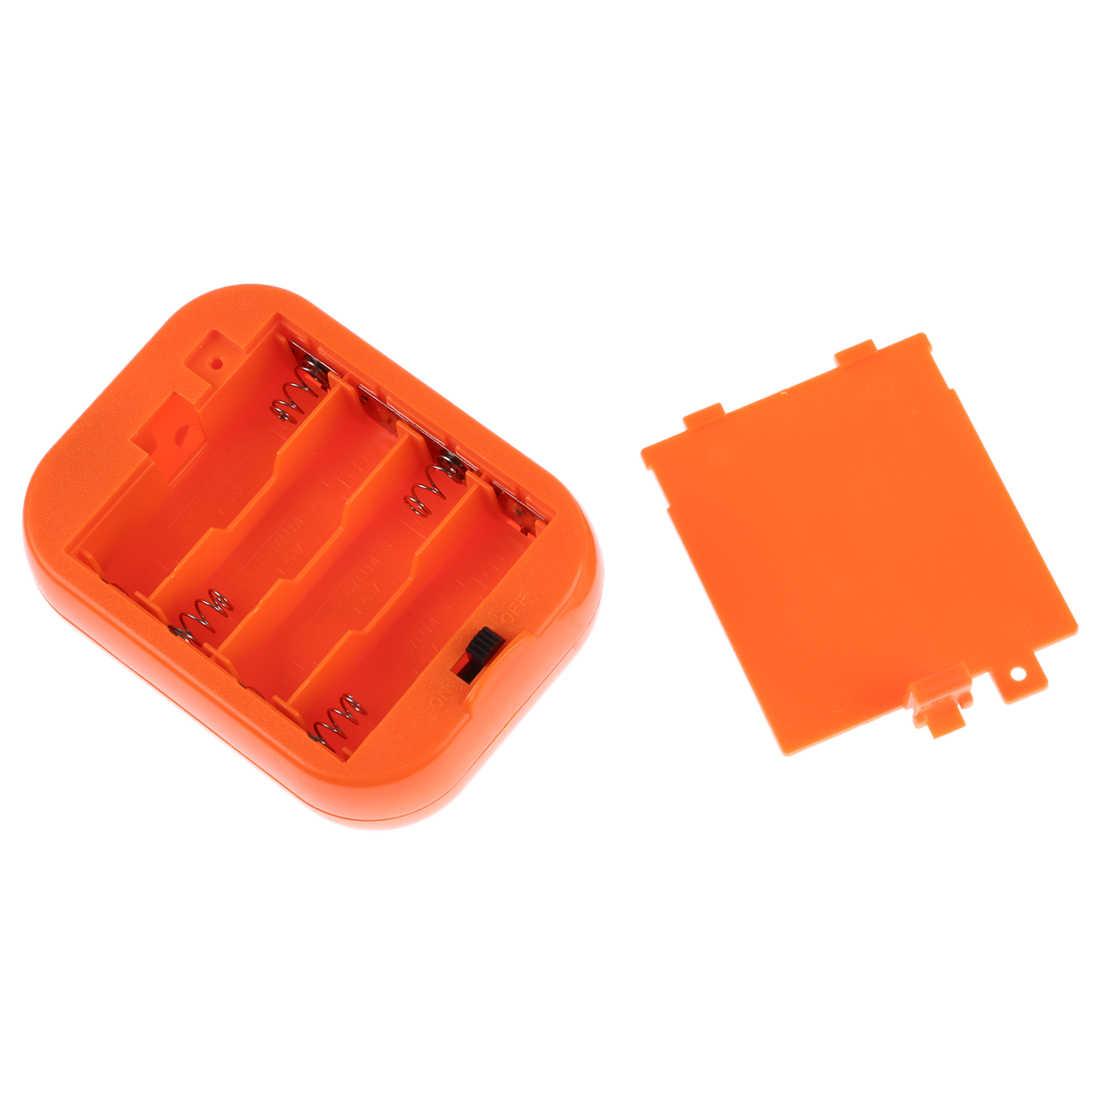 Горячий TOD-миниатюрный вентилятор для головы талисмана надувной костюм 6 V питание 4xAA сухой аккумулятор оранжевый